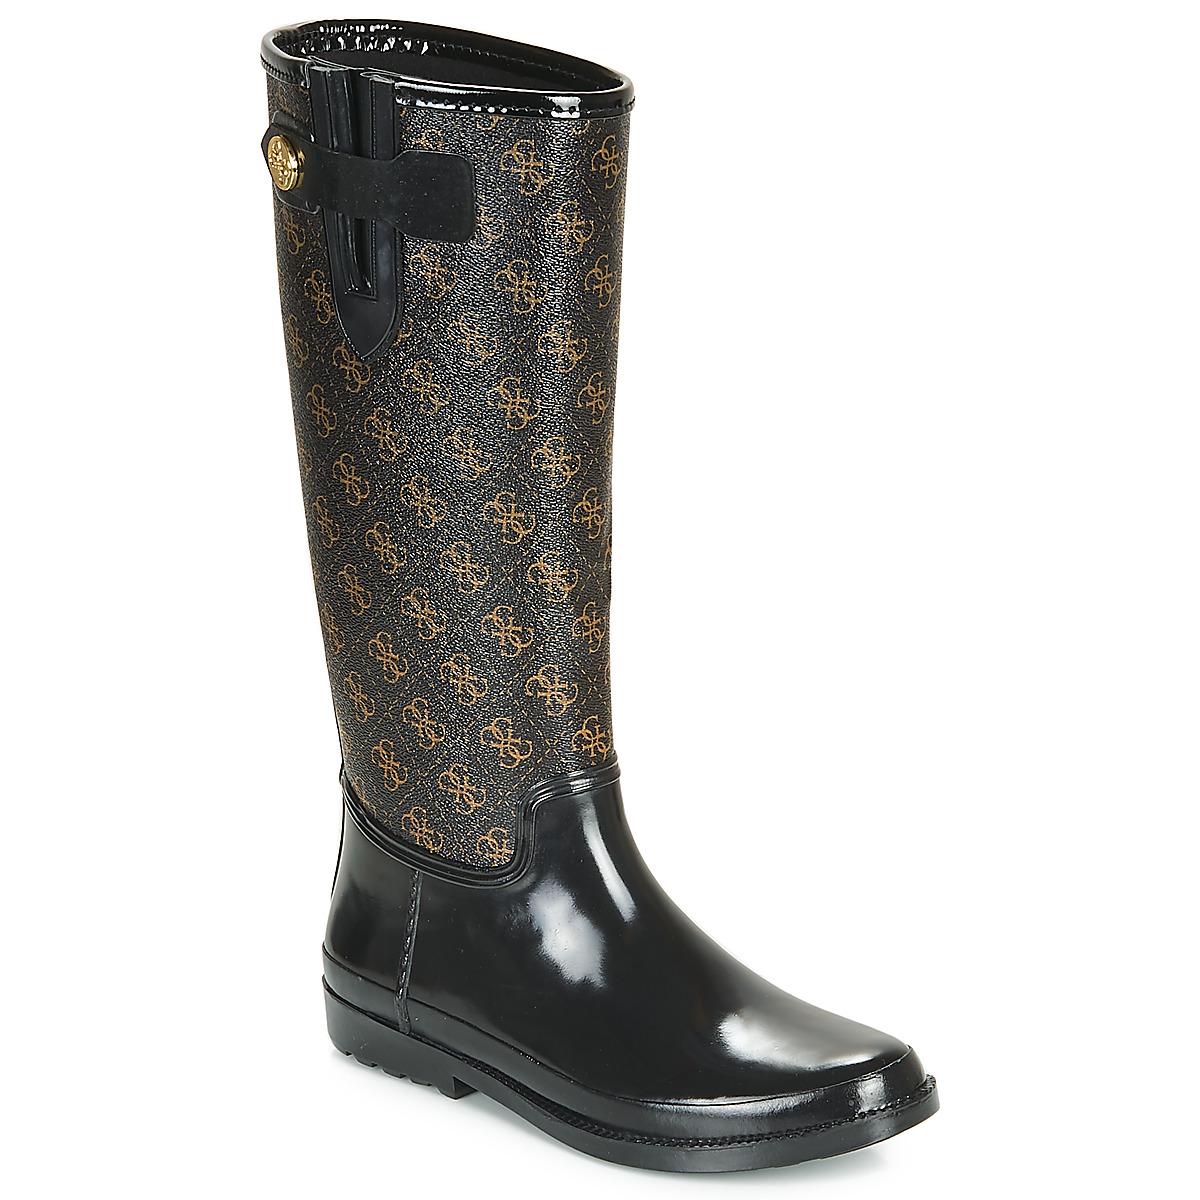 najveće crne čizme